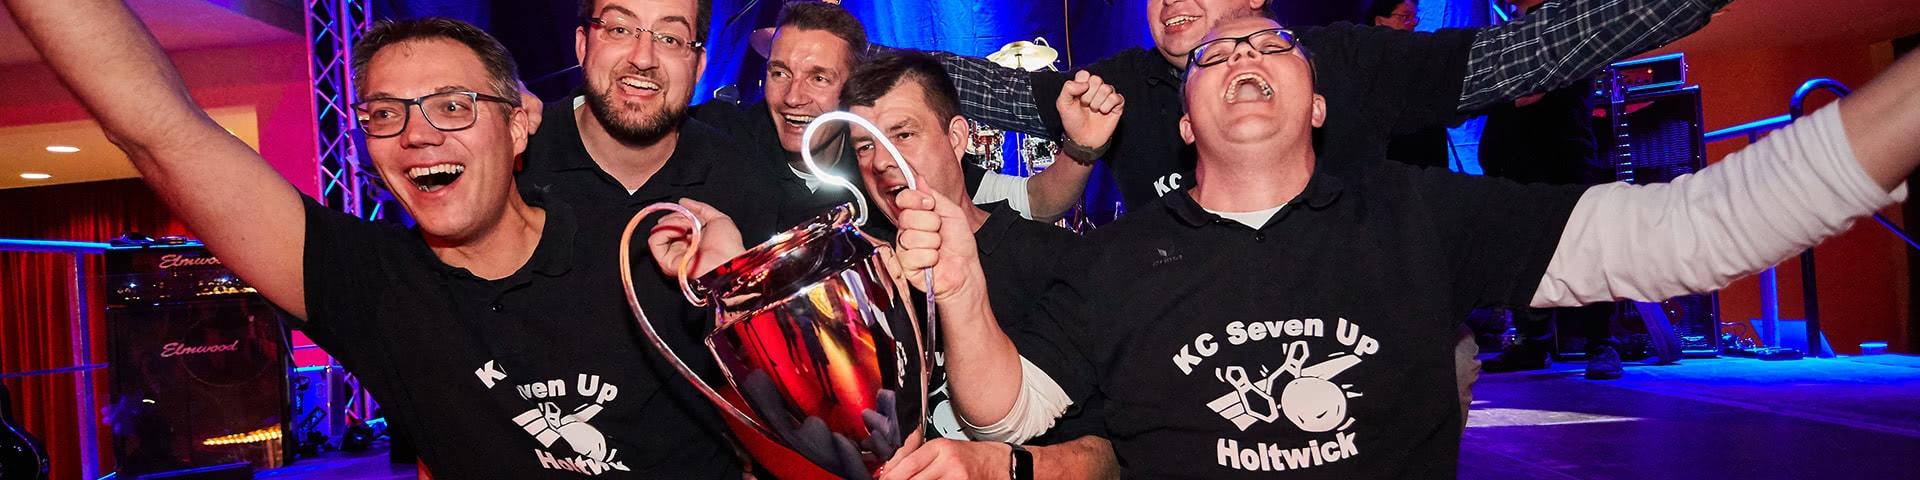 Siegergruppe hält Pokal in den Händen bei der Kegelparty im Dorf Münsterland in Legden